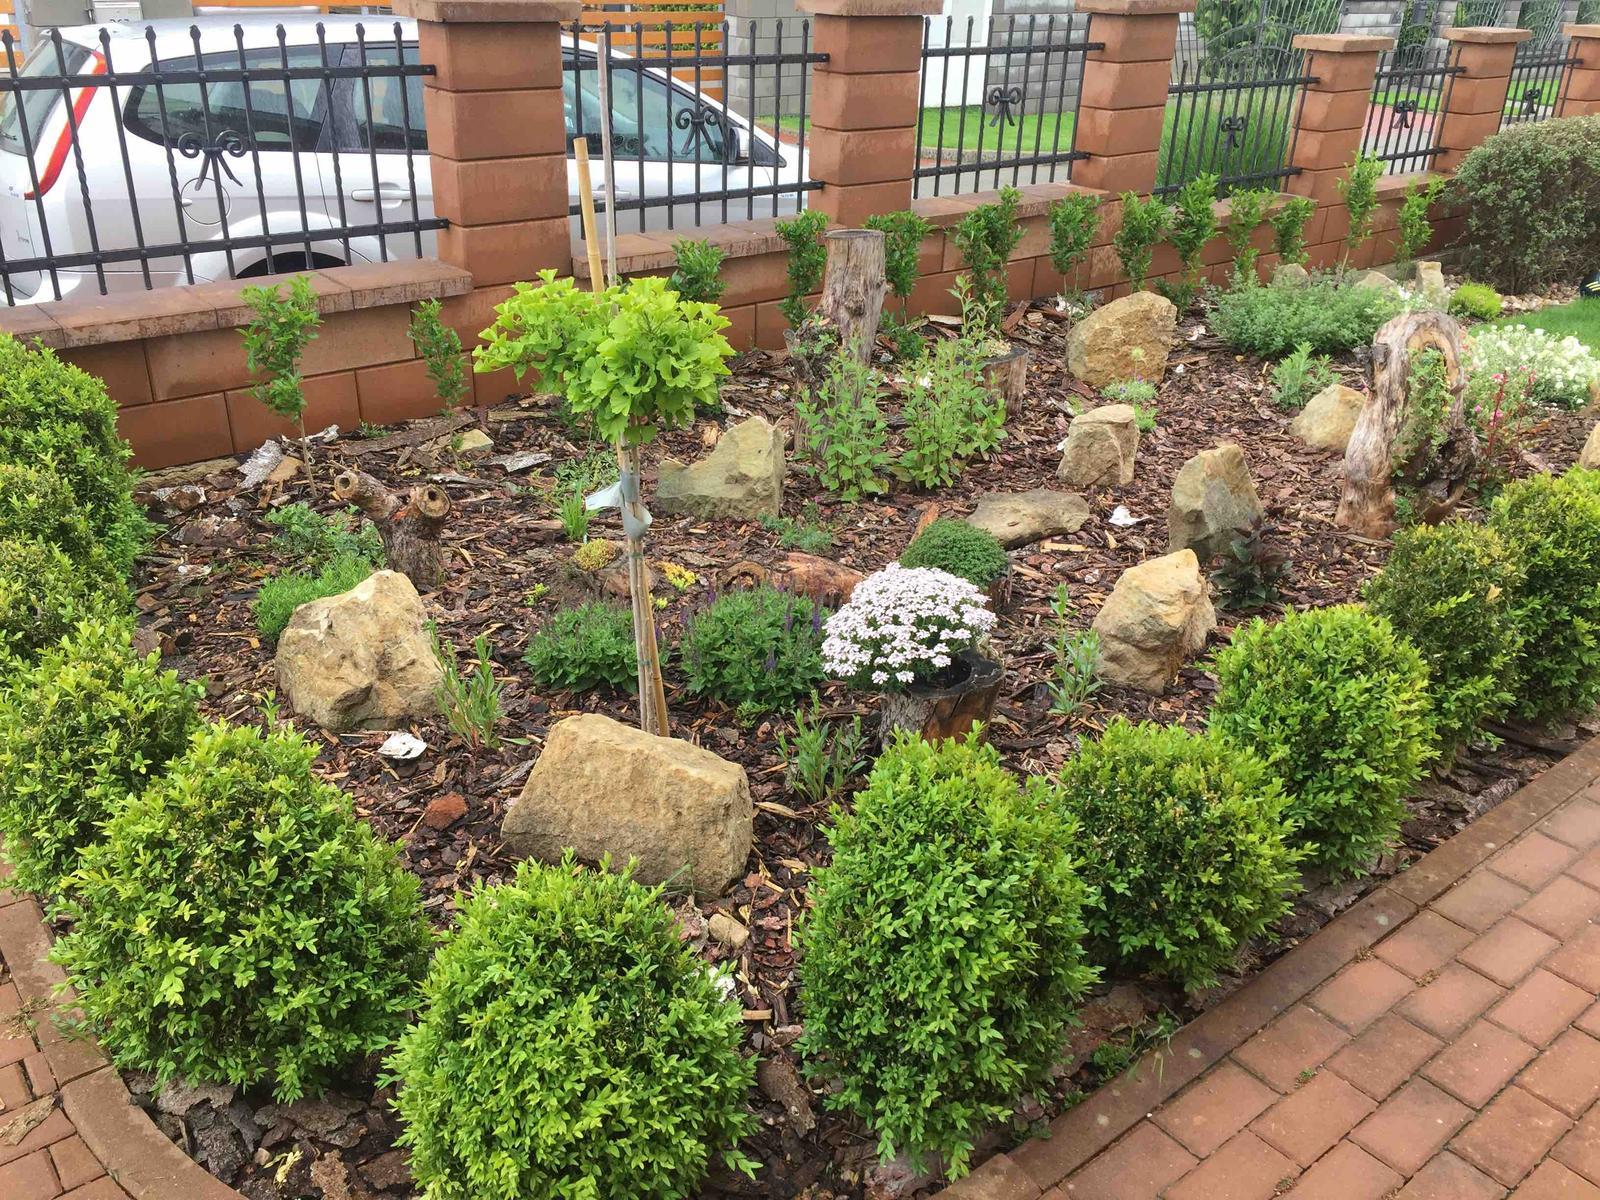 Naše barevná zahrada 🌸 - Nový záhon z loňského roku a buxusy se po najézdech housenek pěkně zase vzpamatovaly 👌